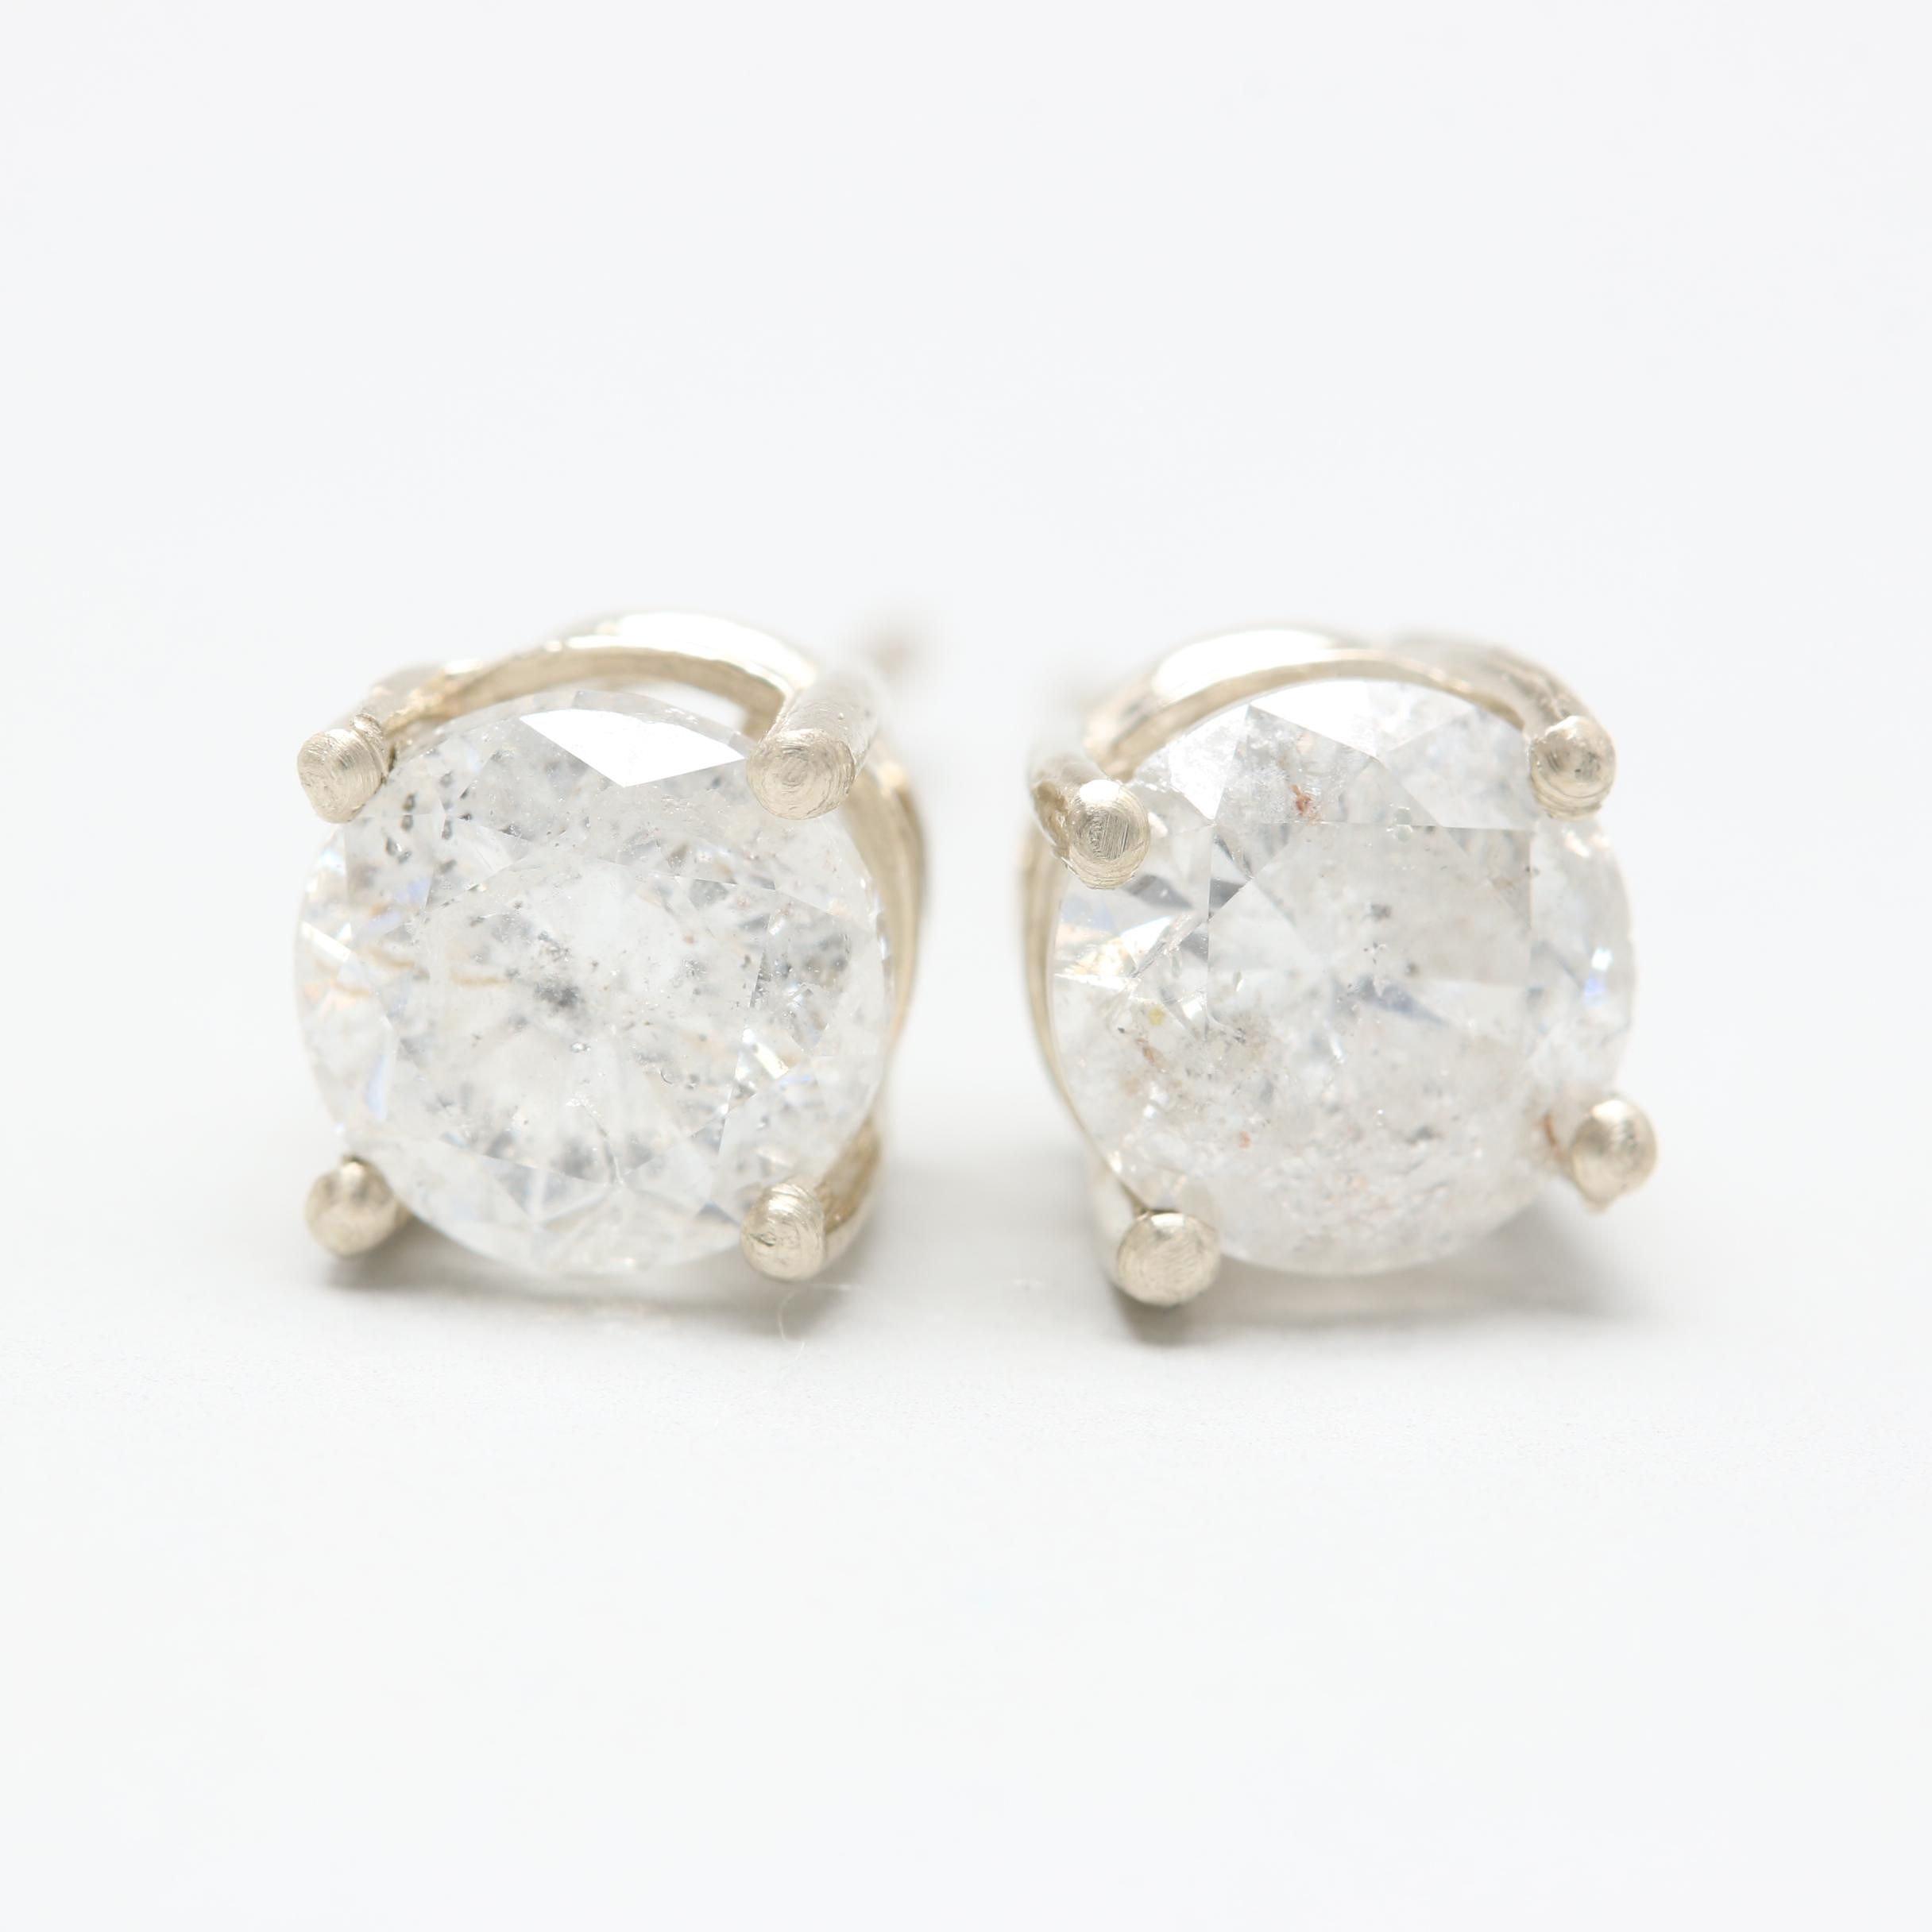 14K White Gold 1.45 CTW Diamond Earrings